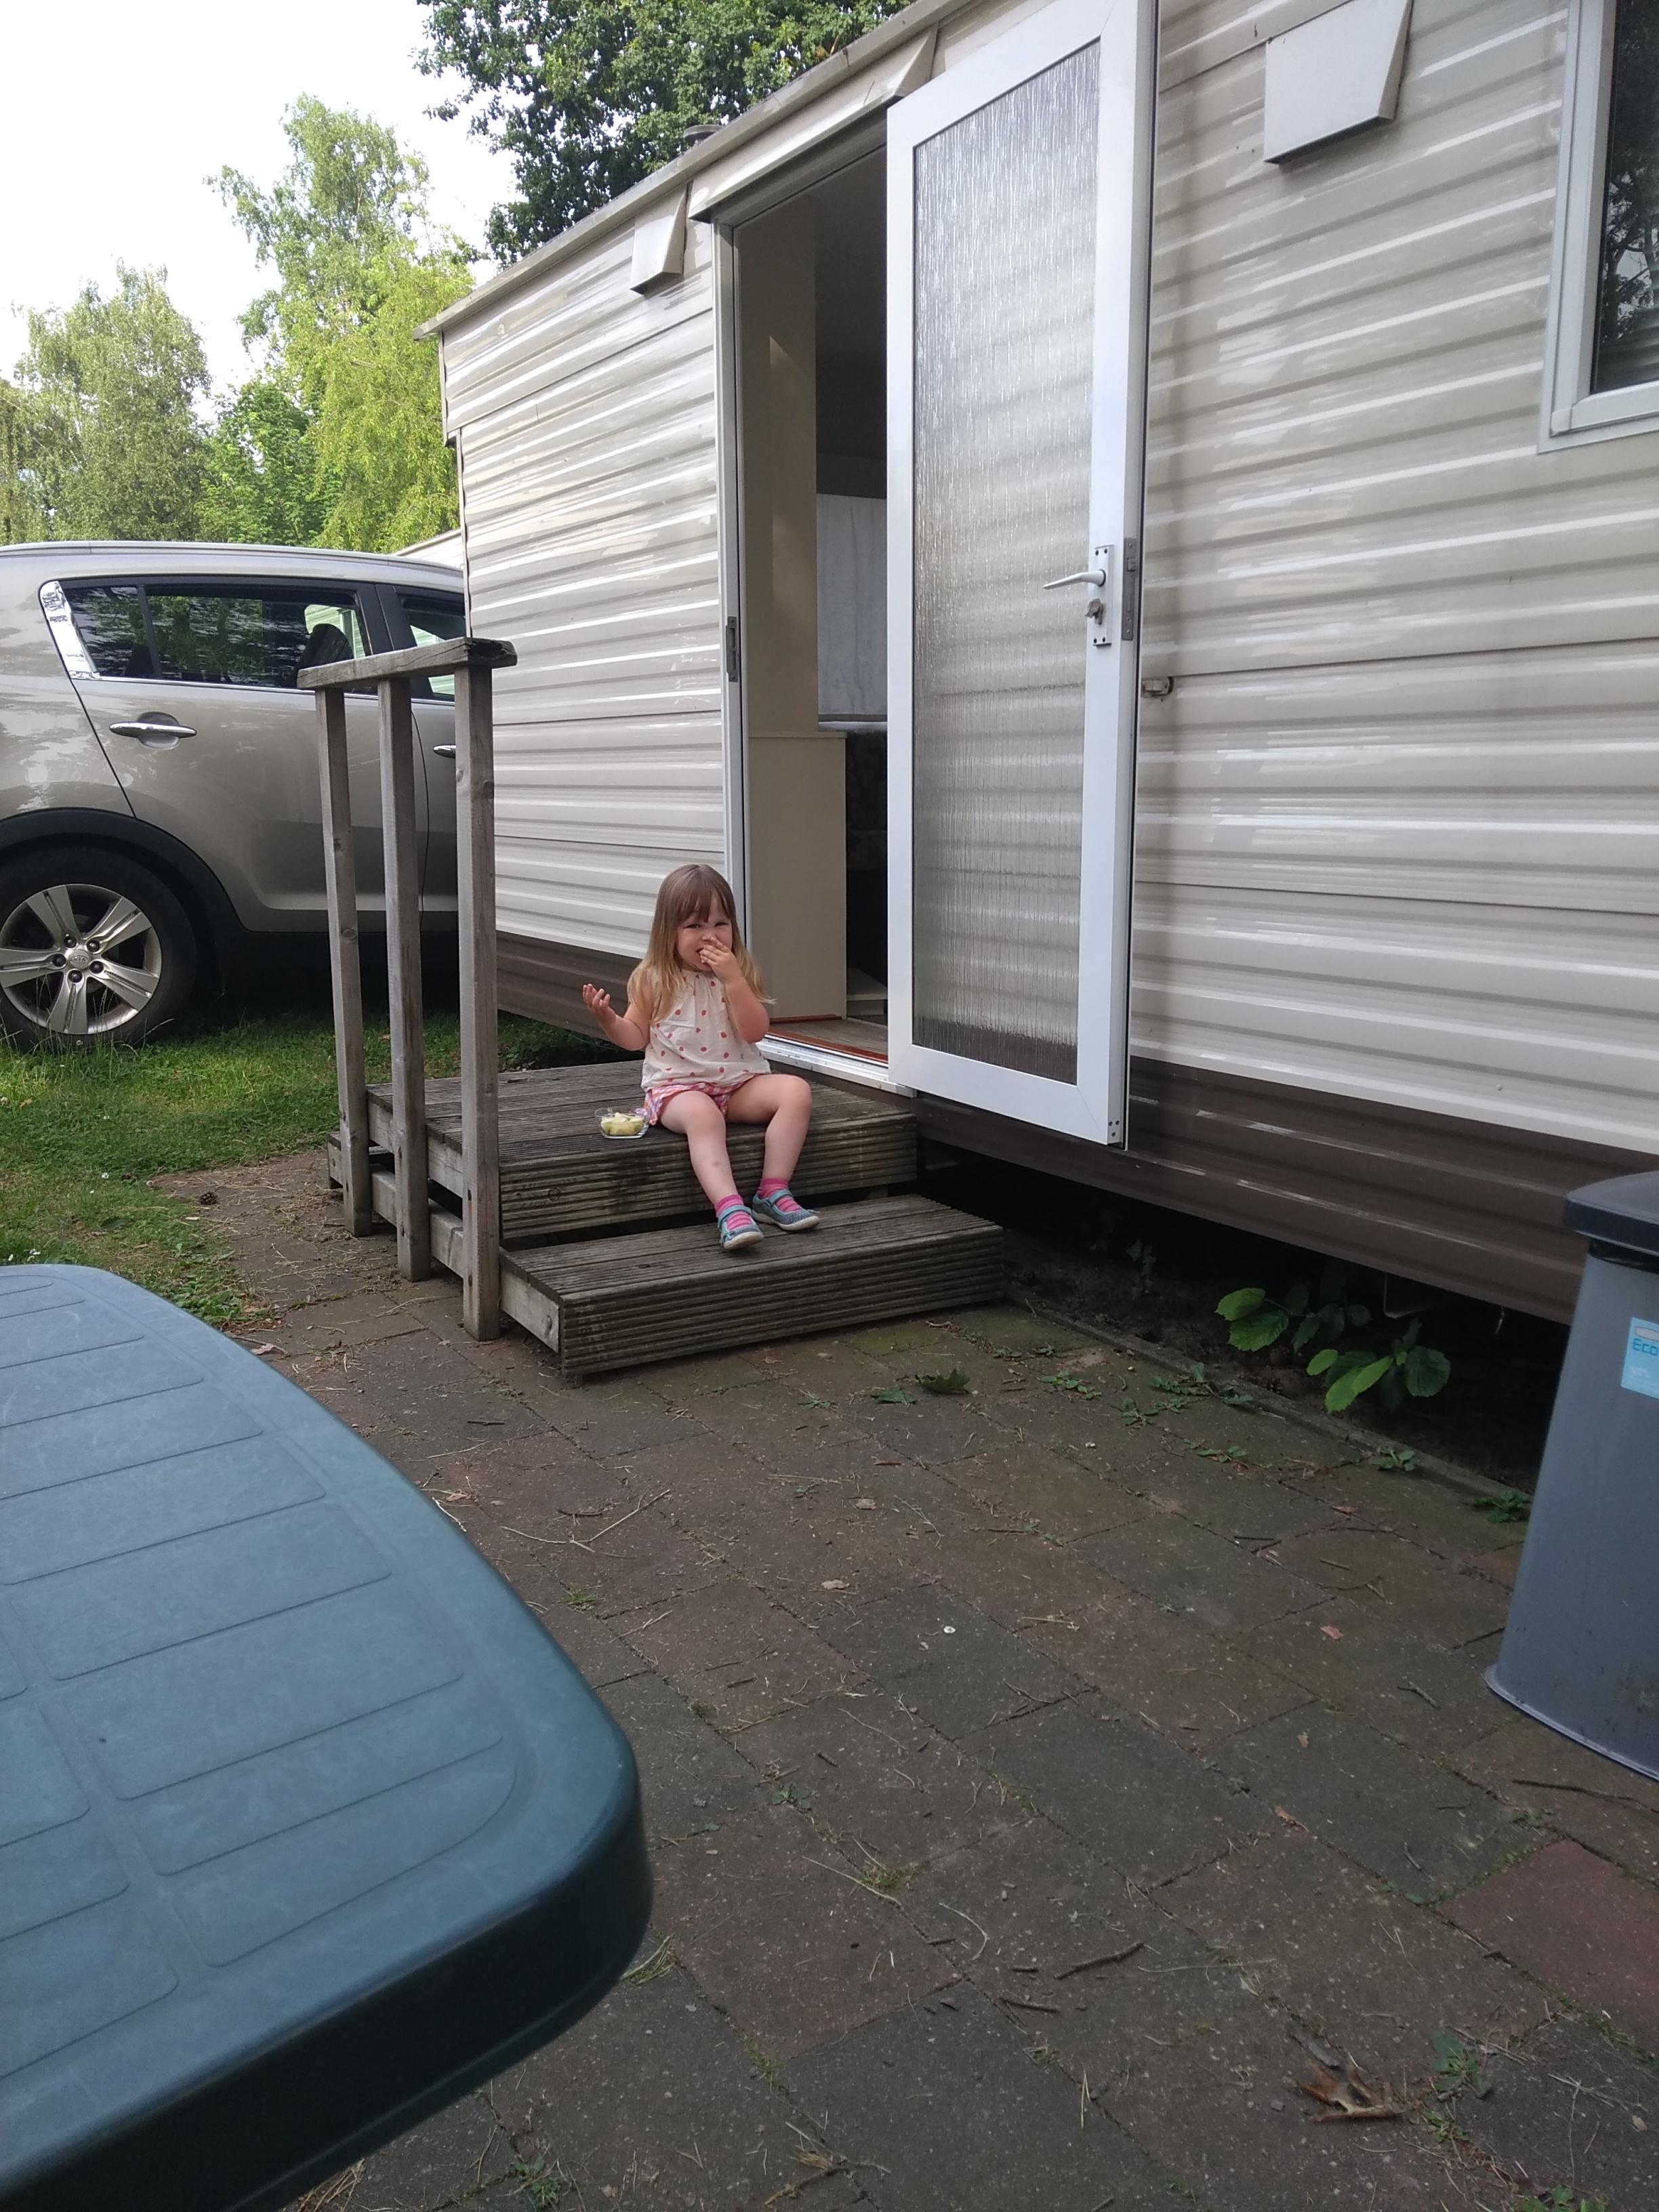 weg met kinderen, weekendje weg, spontaan, stacaravan, gezin, doen met kinderen, mamalifestyle, mamalifestyle blog, blog, lalog.nl, lalog, lalogblog